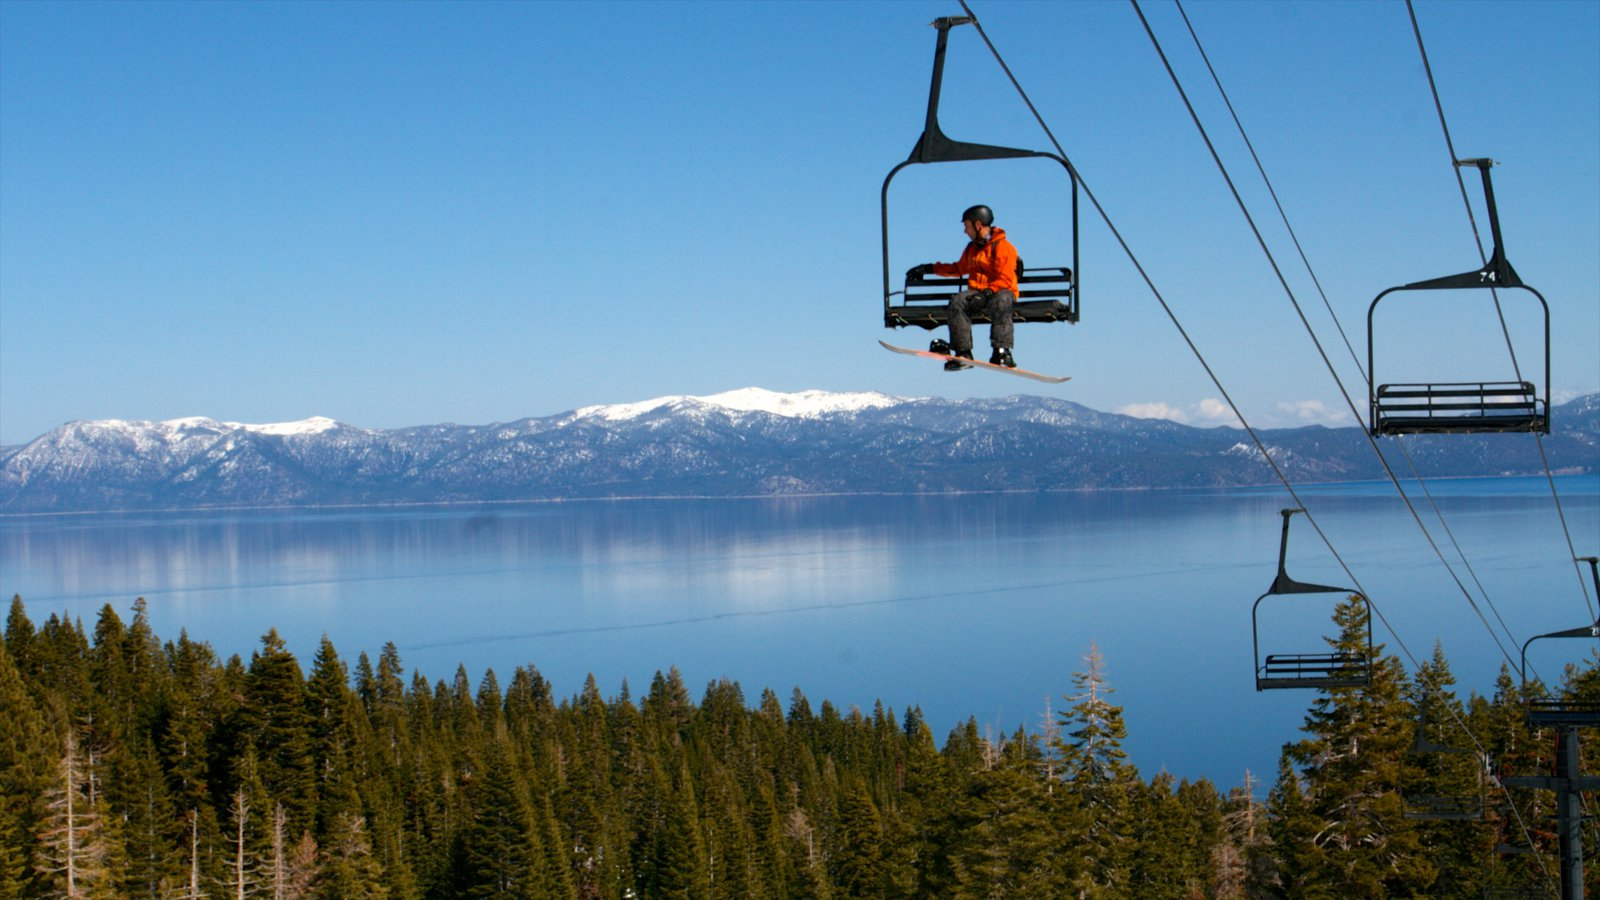 Homewood Mountain Resort ofreciendo montañas, un lago o abrevadero y una góndola